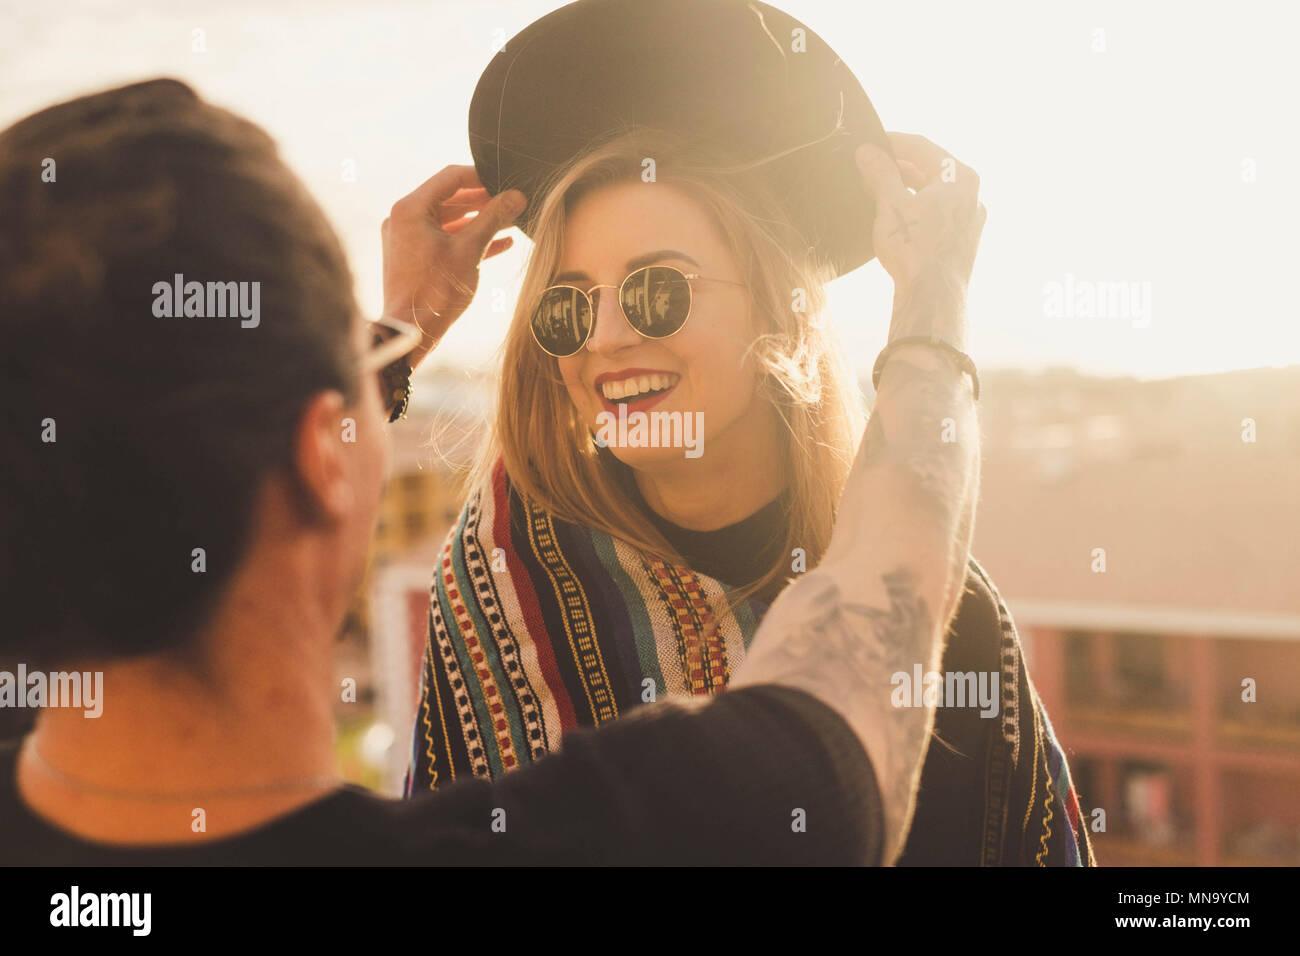 La actividad al aire libre para una pareja de hombre y mujer hermosa joven rubia divirtiéndonos juntos. le pone un sombrero en la cabeza y sonríe la luz solar y la azotea. Imagen De Stock